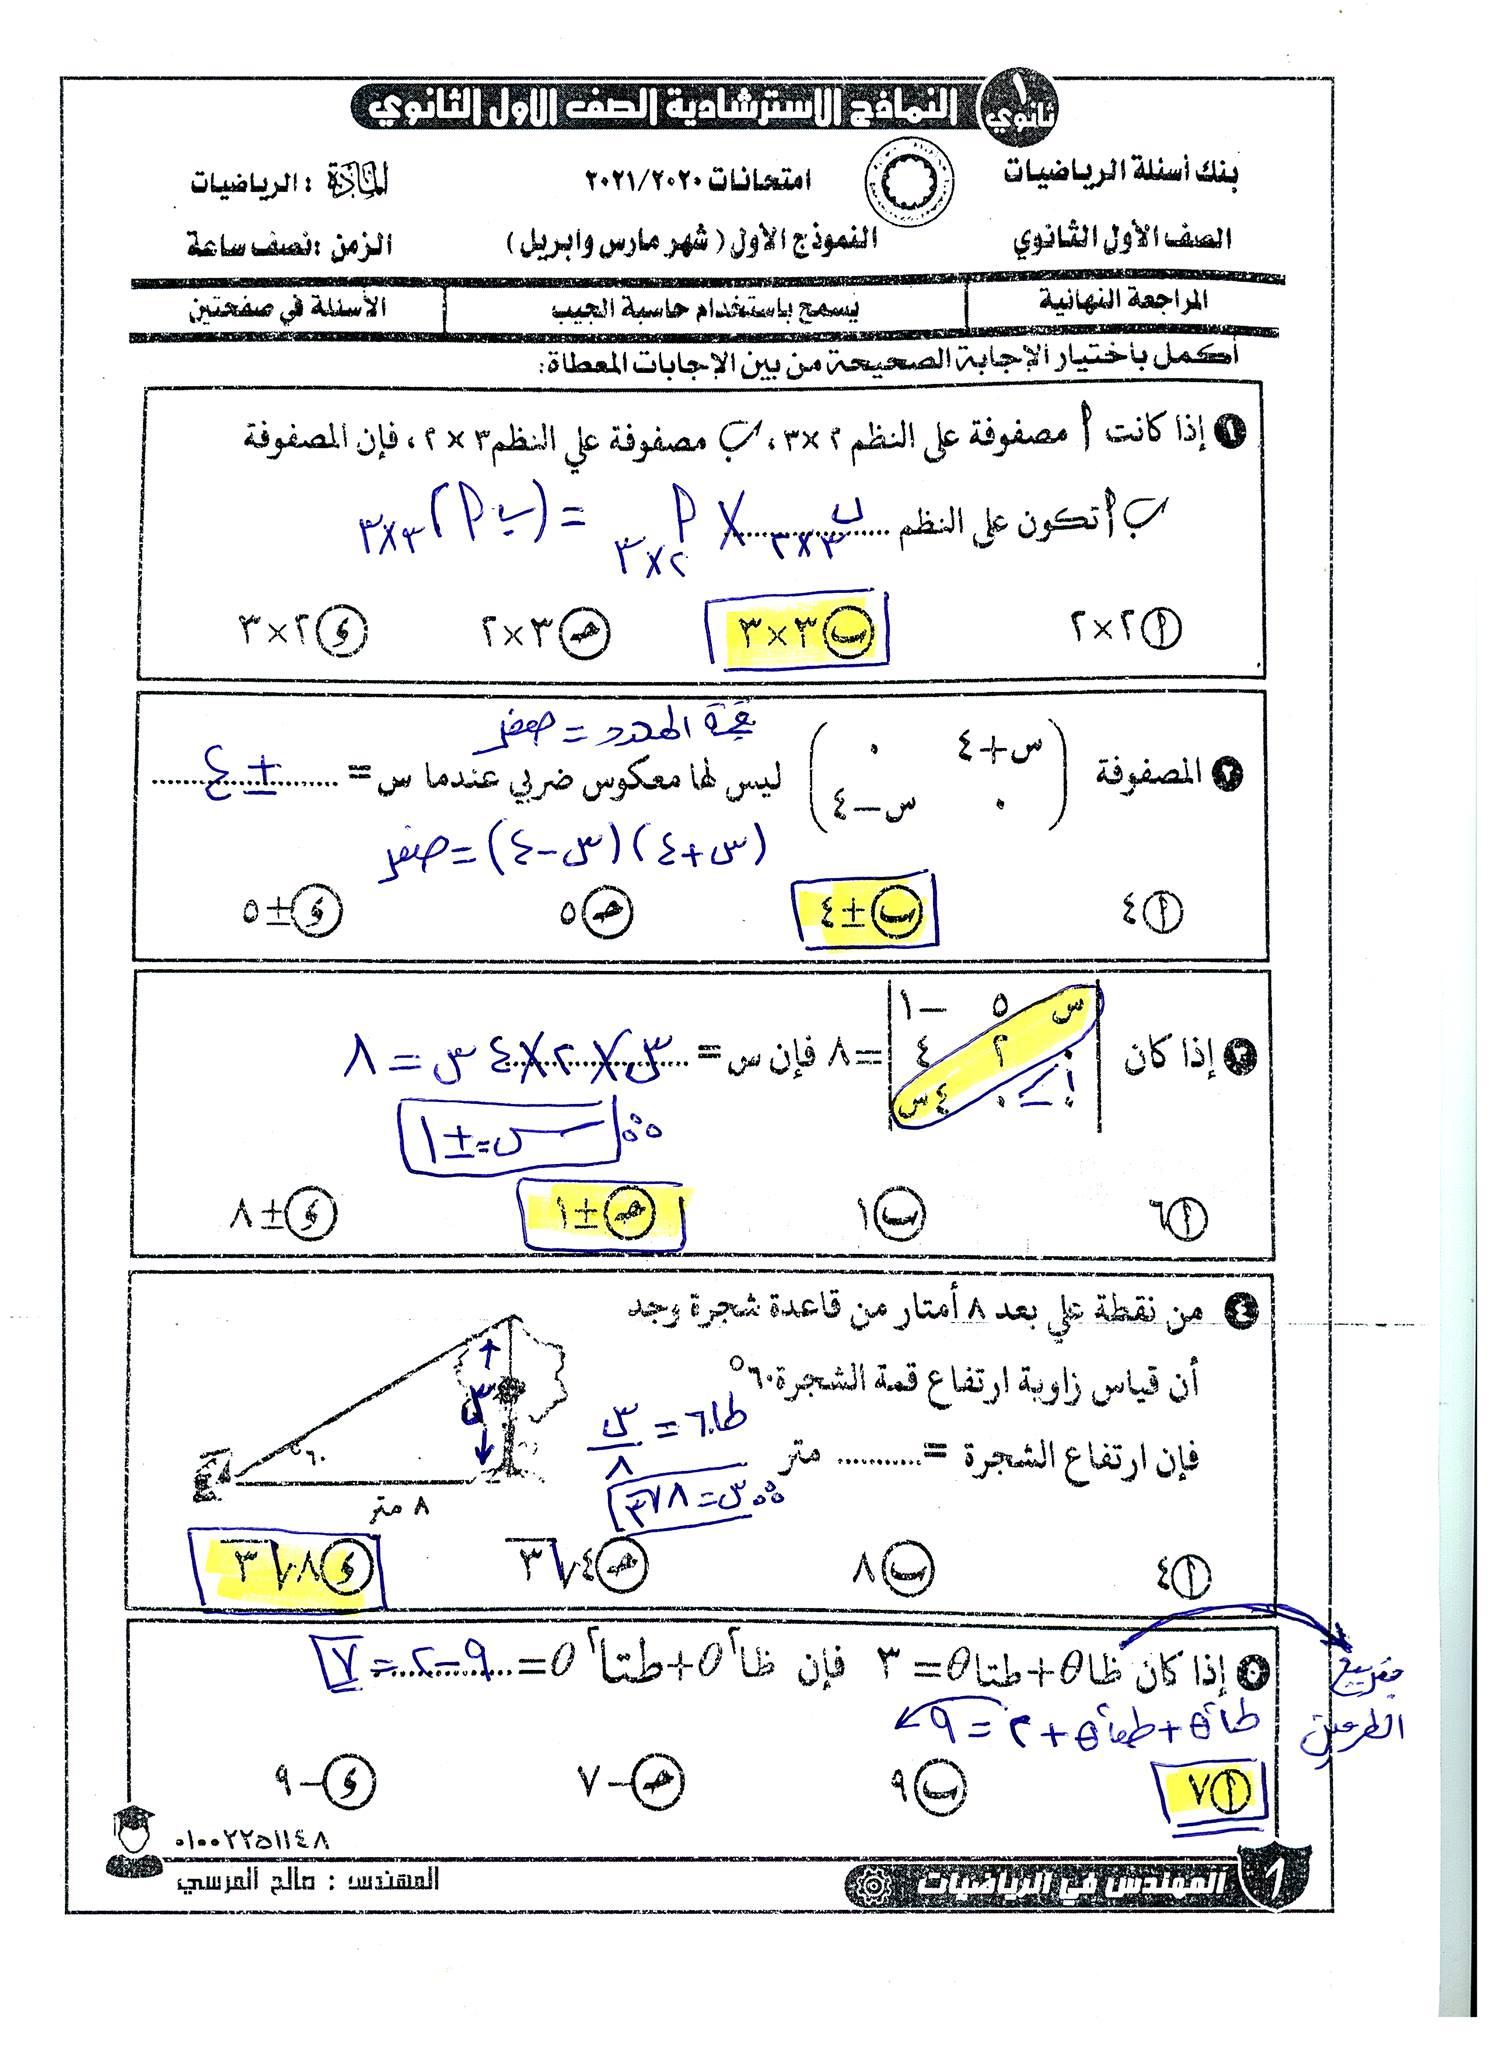 مراجعة ليلة الامتحان رياضيات للصف الأول الثانوي ترم ثاني.. ملخص كامل متكامل للقوانين و حل النماذج الاسترشادية 7